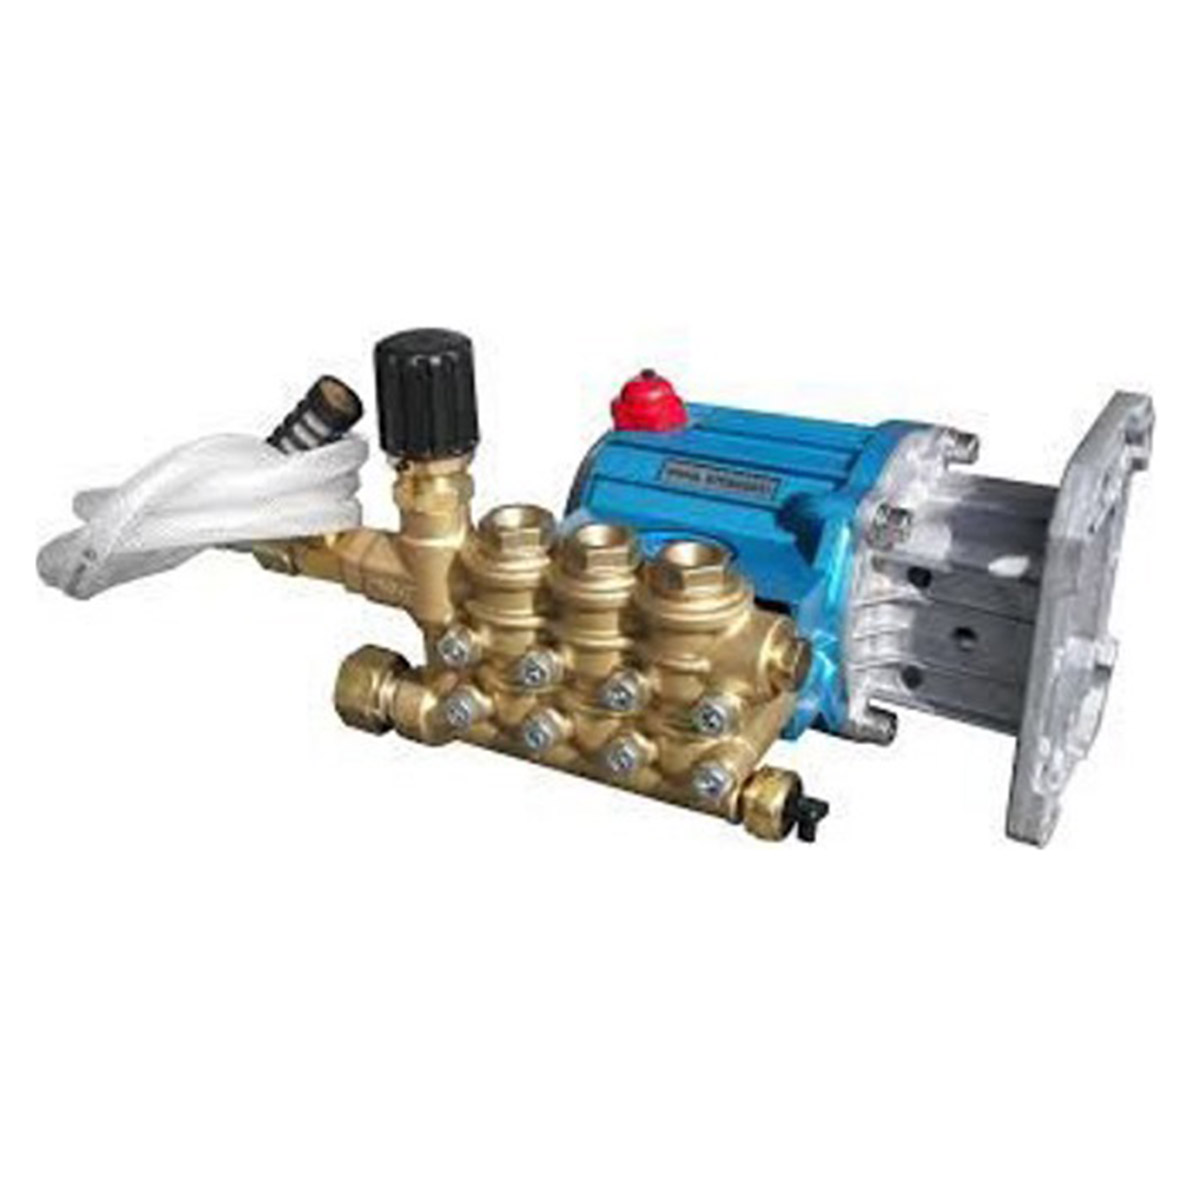 F7105982  CAT 67DX39G11 Pump 13HP